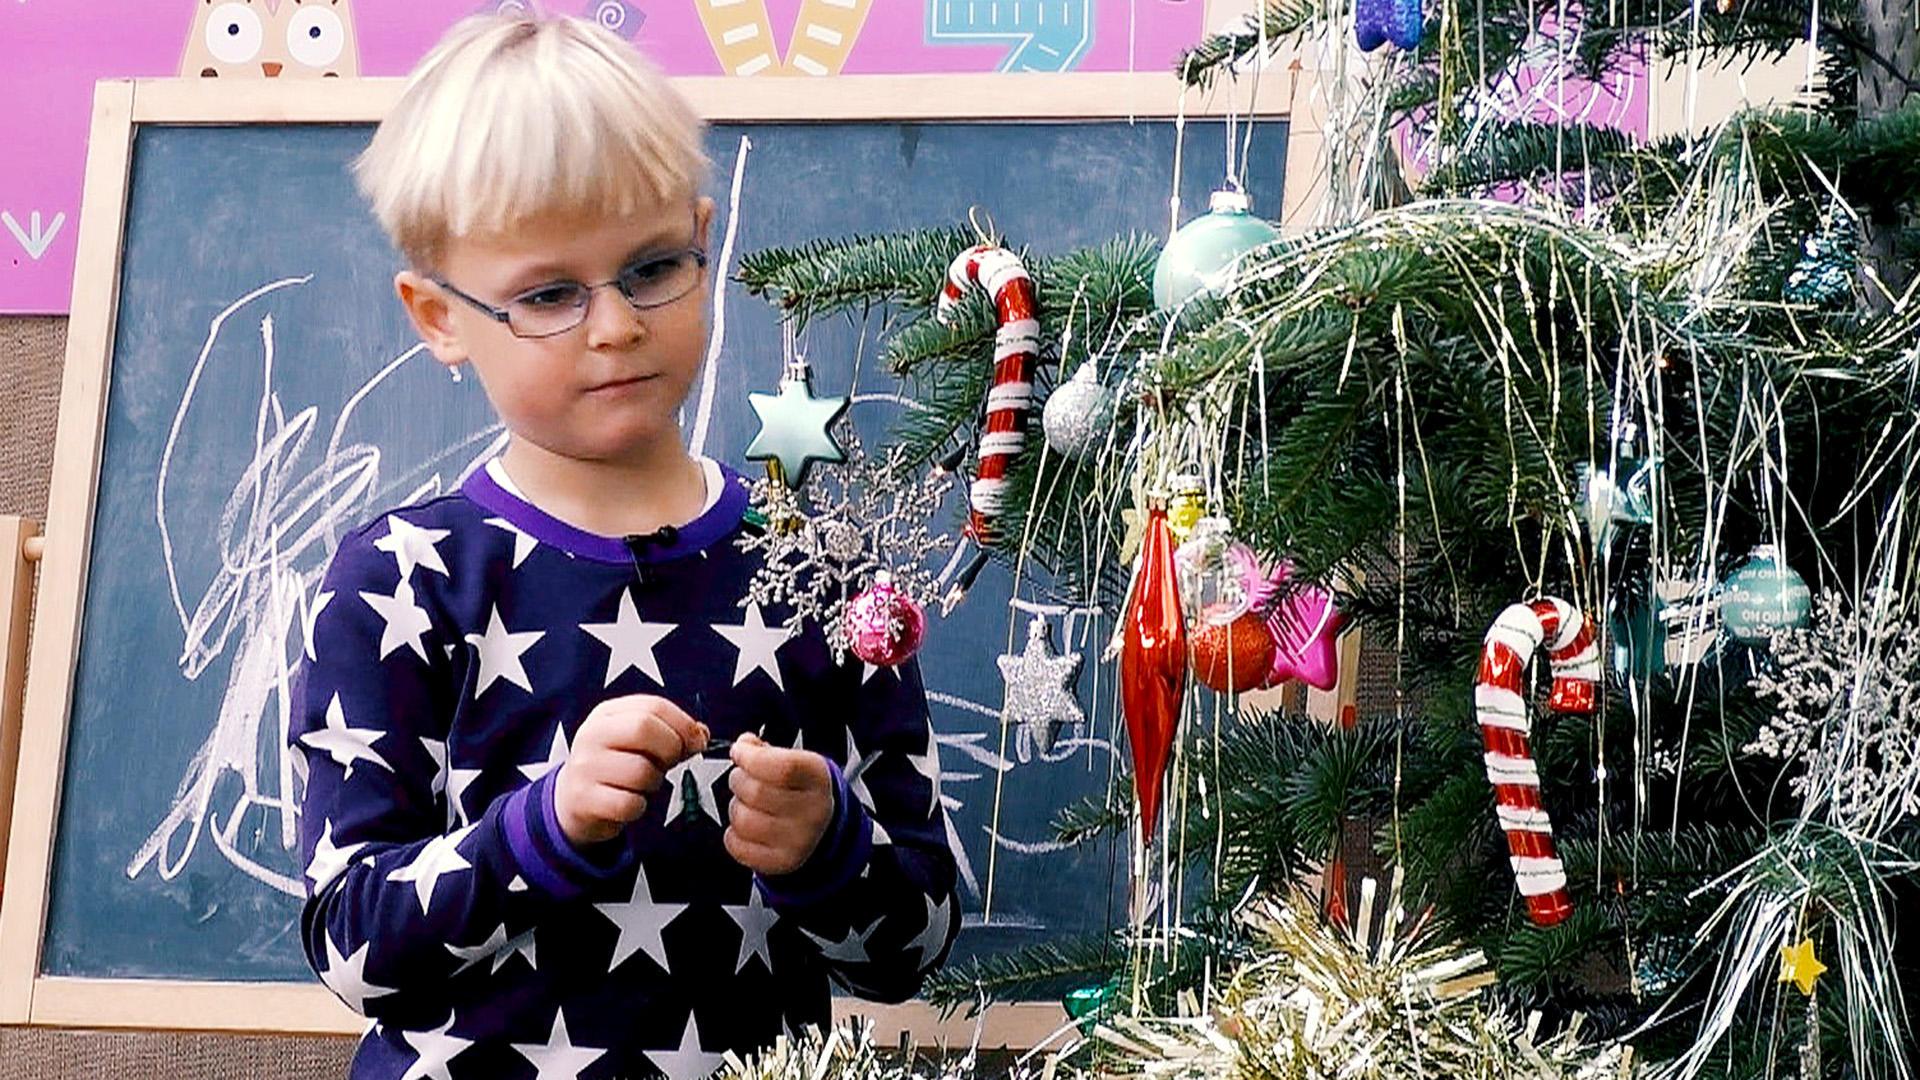 Die geheimnisvolle Welt der Kinder - Wir feiern Weihnachten!   Folge 4